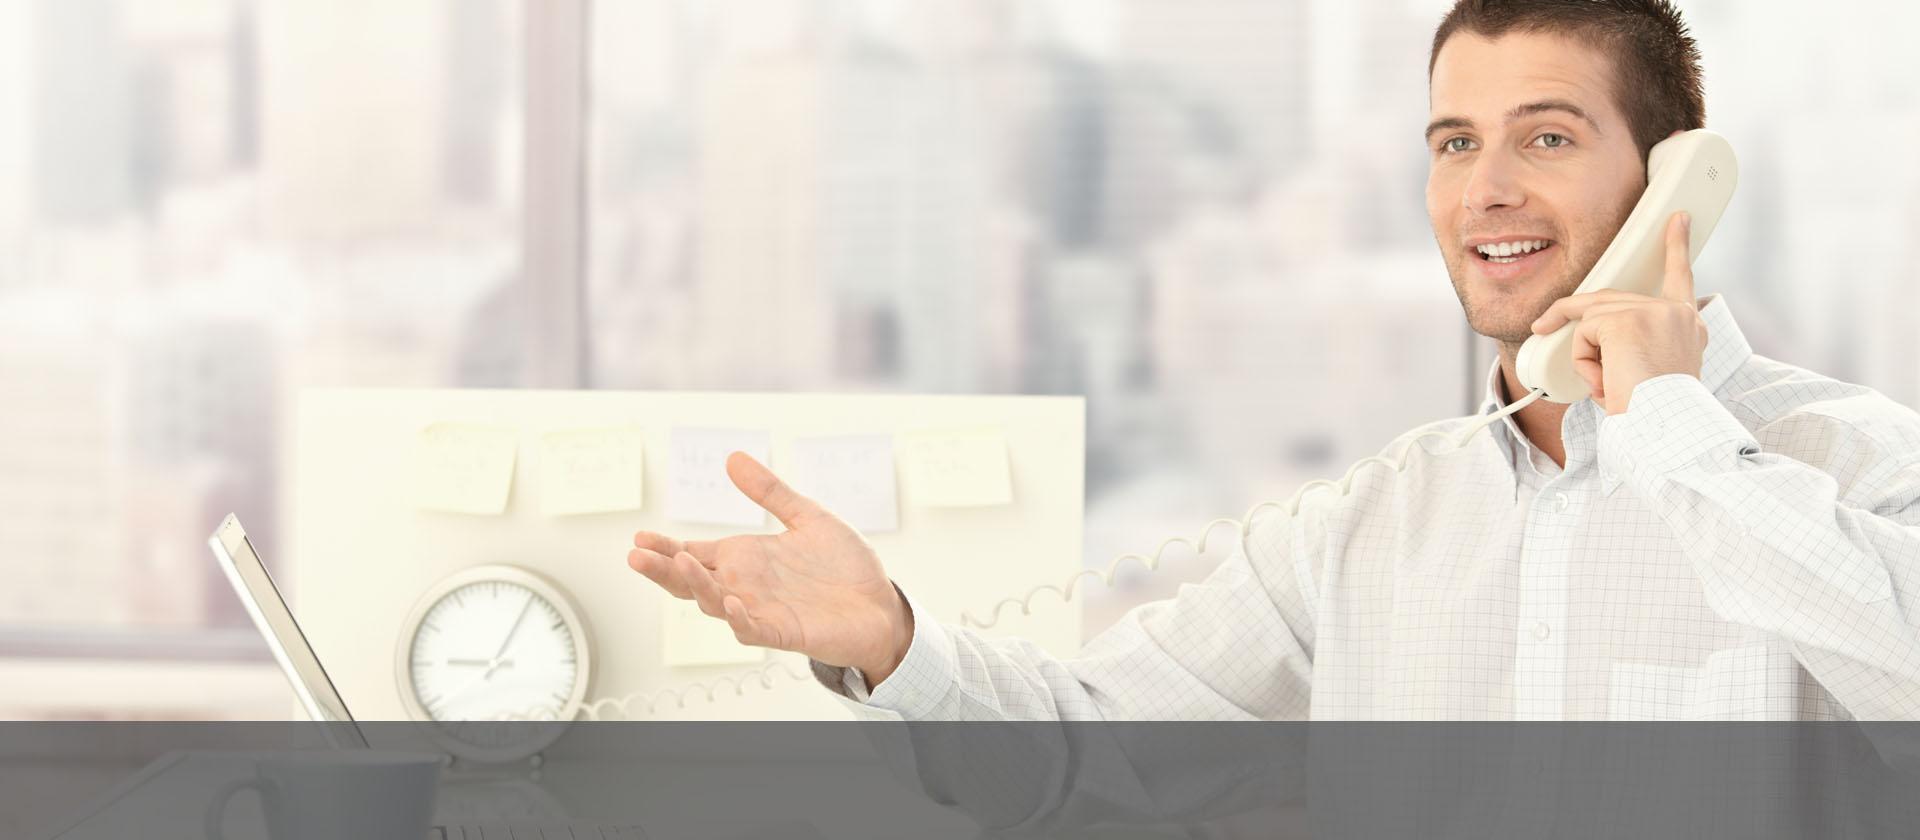 AIXIDEE Kundenservice, sprechen Sie uns bei Fragen an!